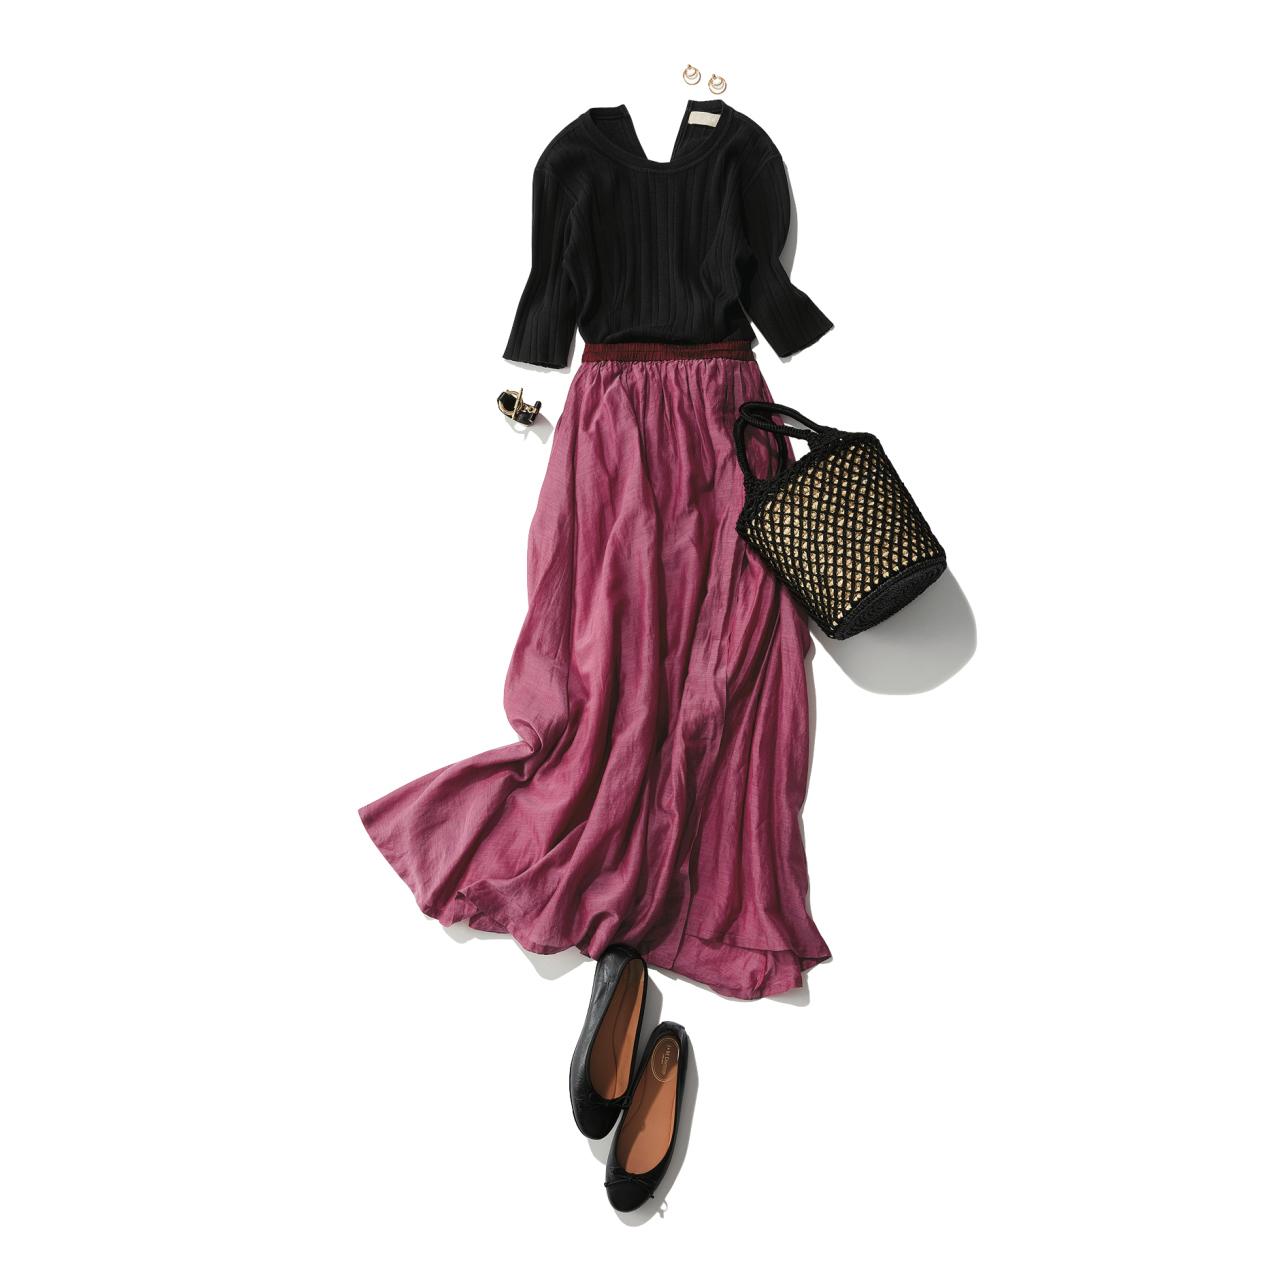 ピンクスカート×黒カットソーのファッションコーデ